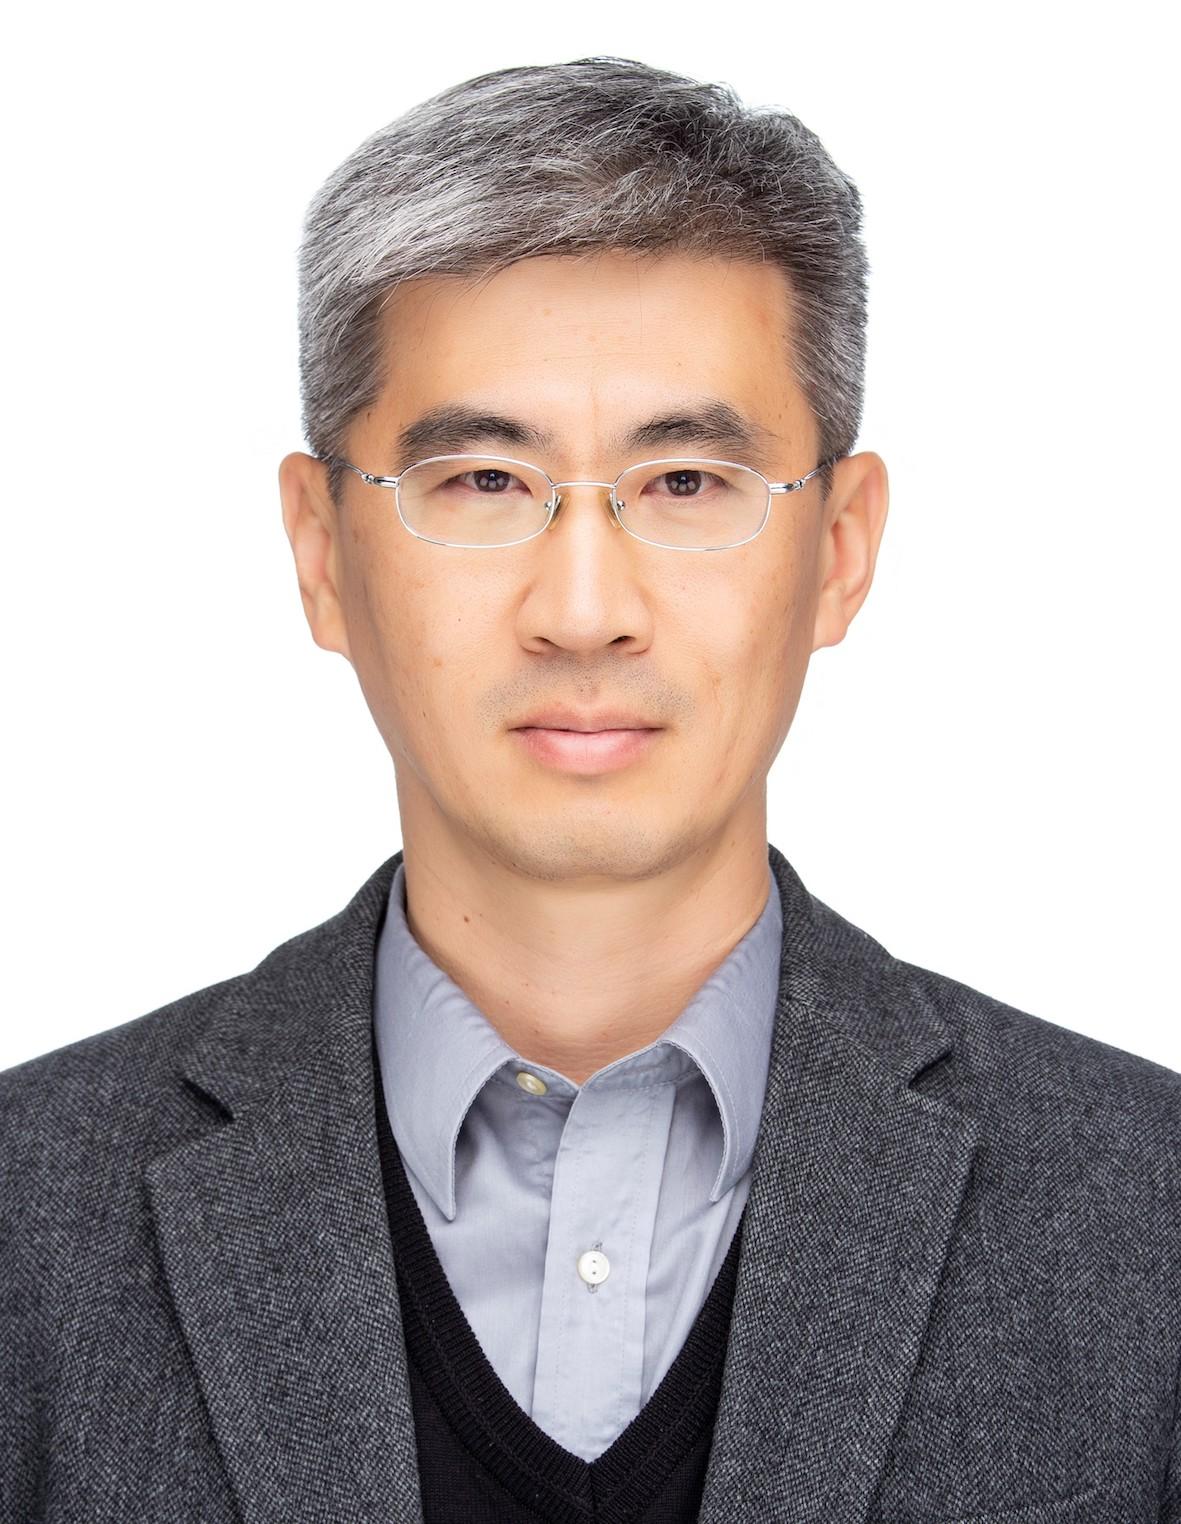 Dr. Sungwon Shin